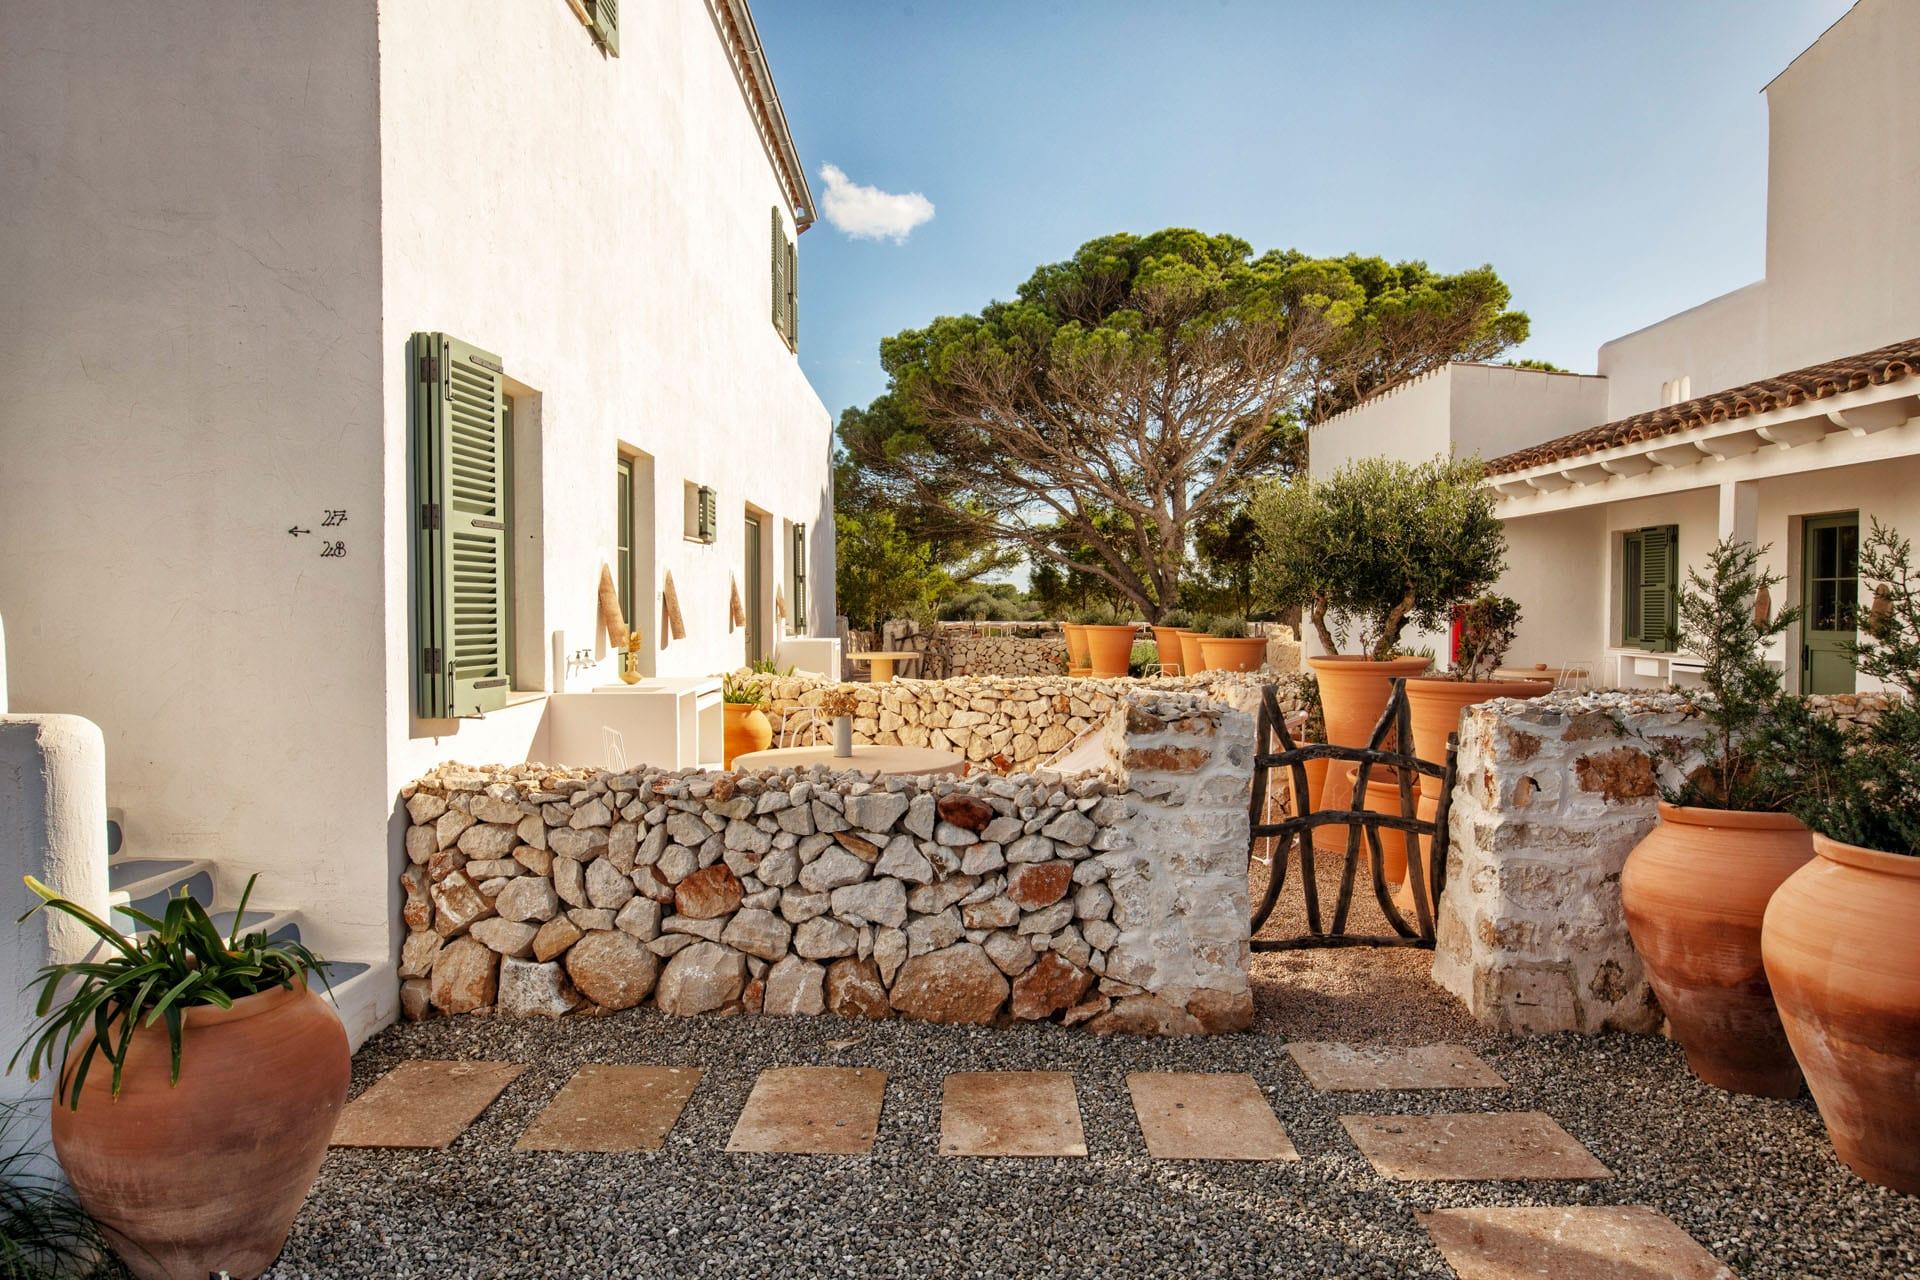 Habitación Alaior Garden 4 hotel experimental de Menorca